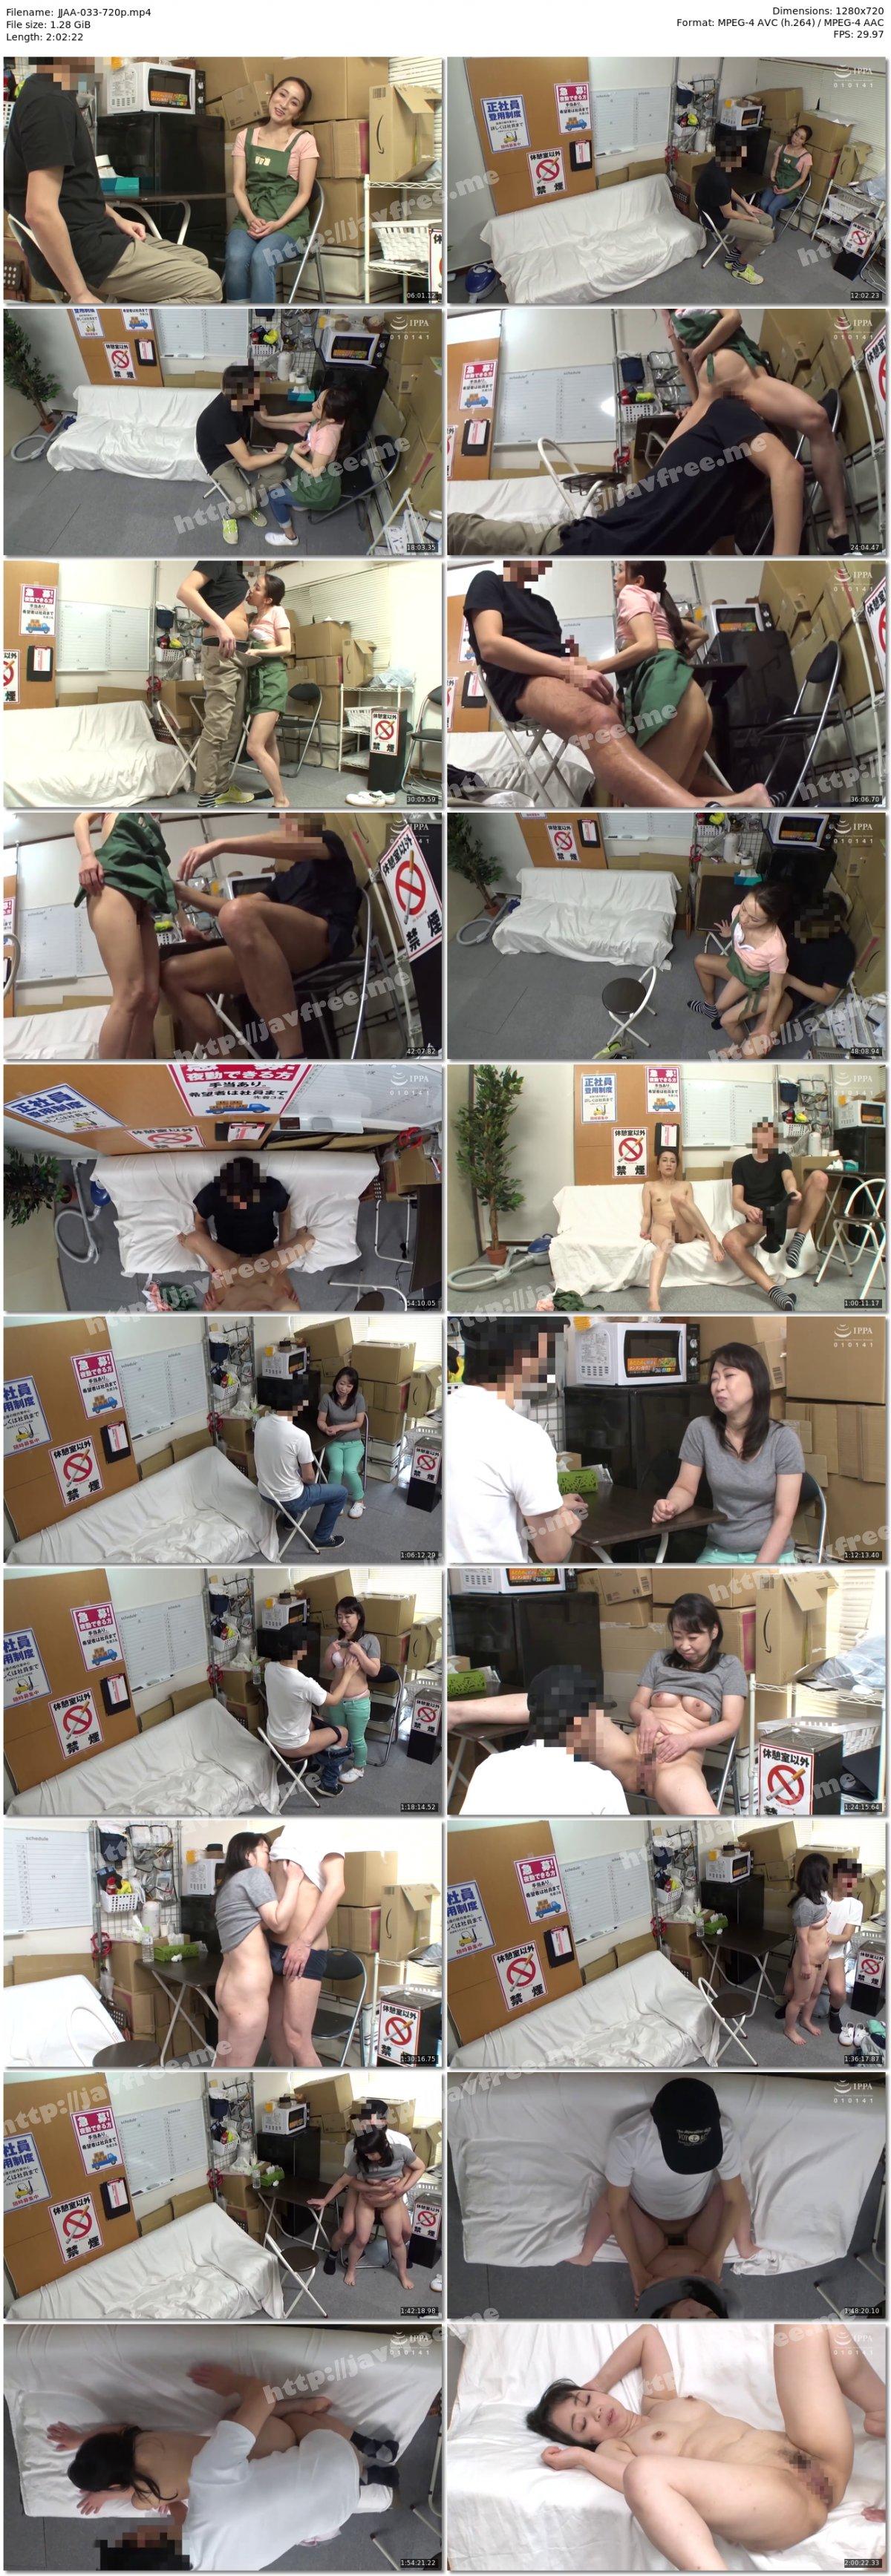 [HD][JJAA-033] パートの人妻さんが若い従業員をこっそり連れ込んで楽しむヤリ部屋になっているバイト先の休憩室08